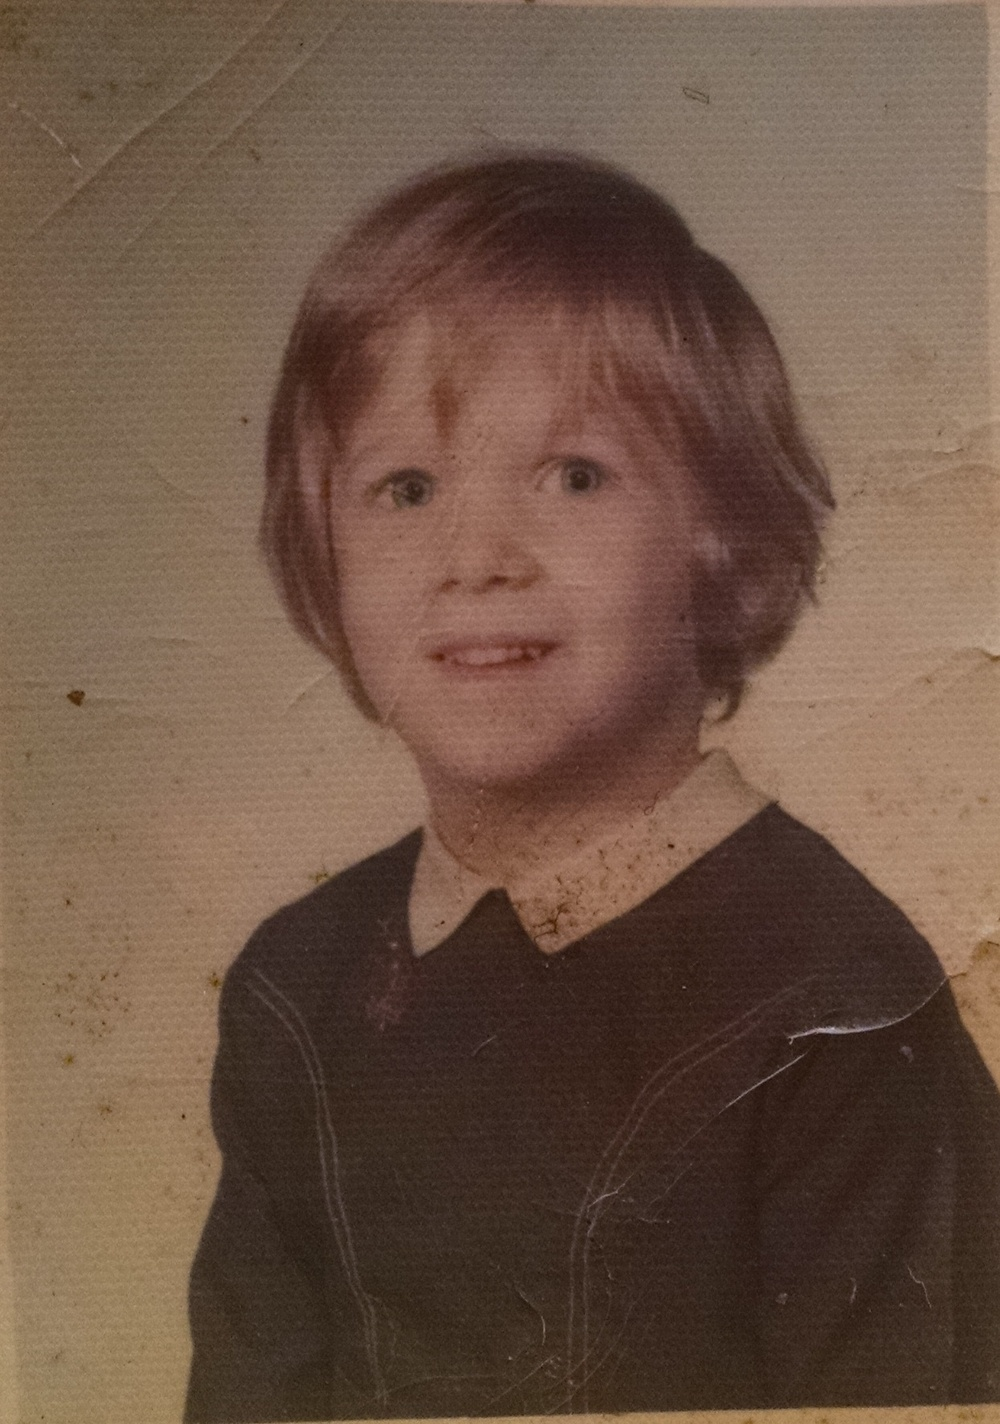 Mo-age-7.jpg